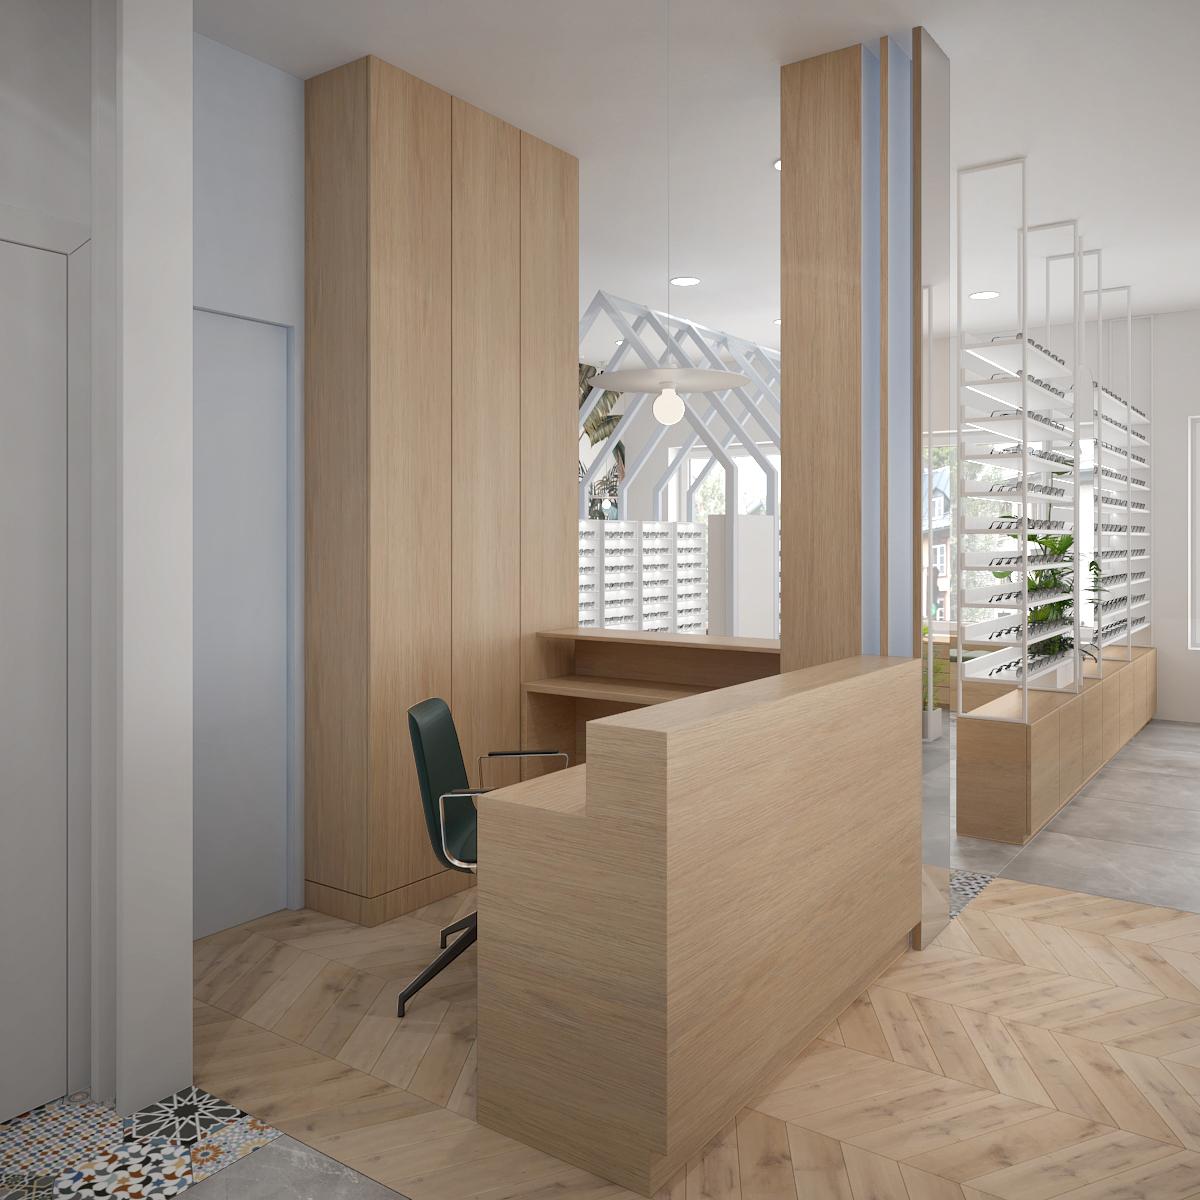 2 projektowanie wnetrz K098 optyk Strozik Lubliniec stanowisko obslugi klienta drewniana zabudowa jodelka na podlodze